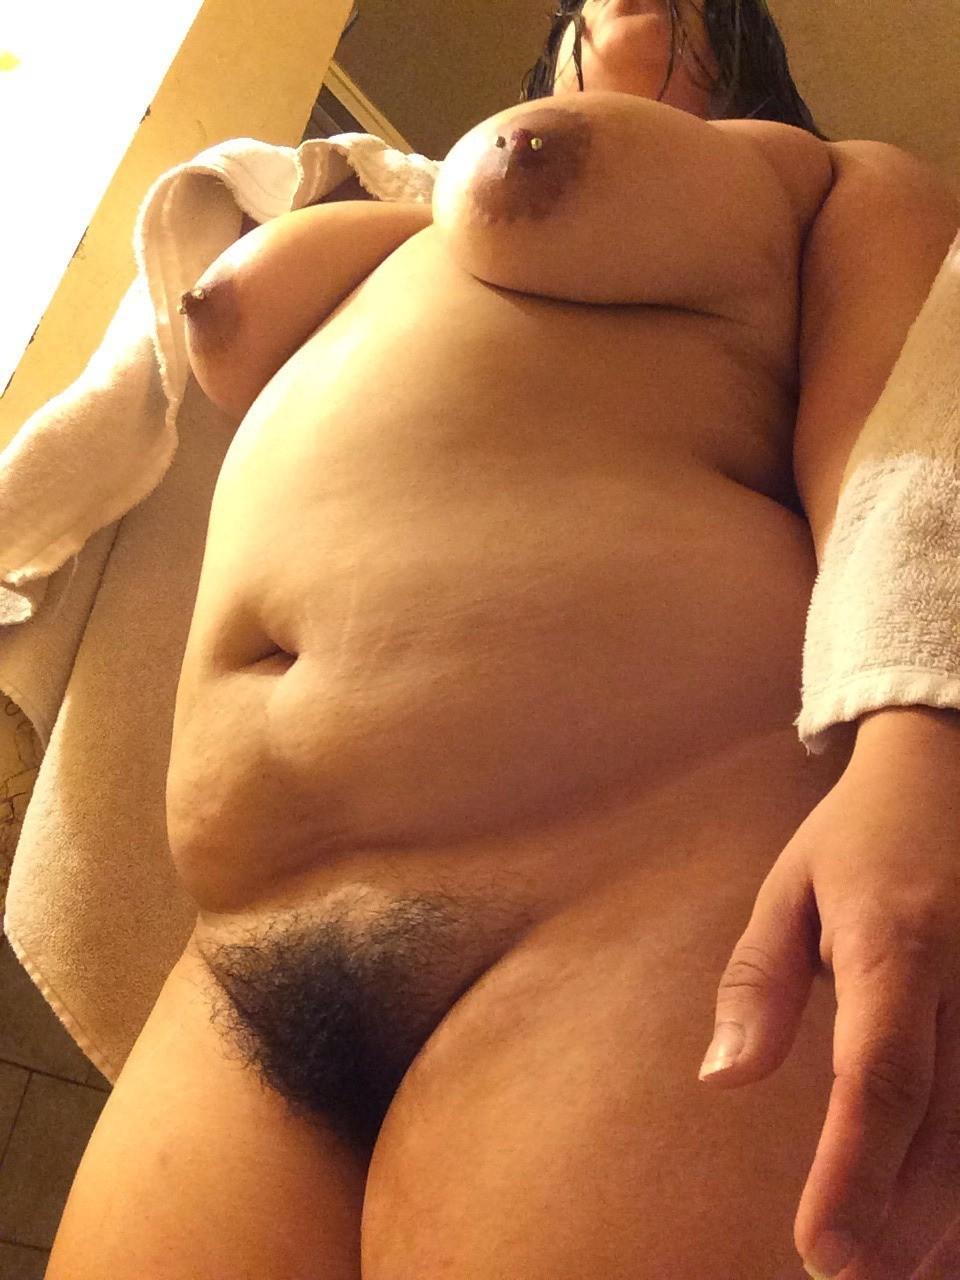 это выбритый лобок зрелой толстушки порно